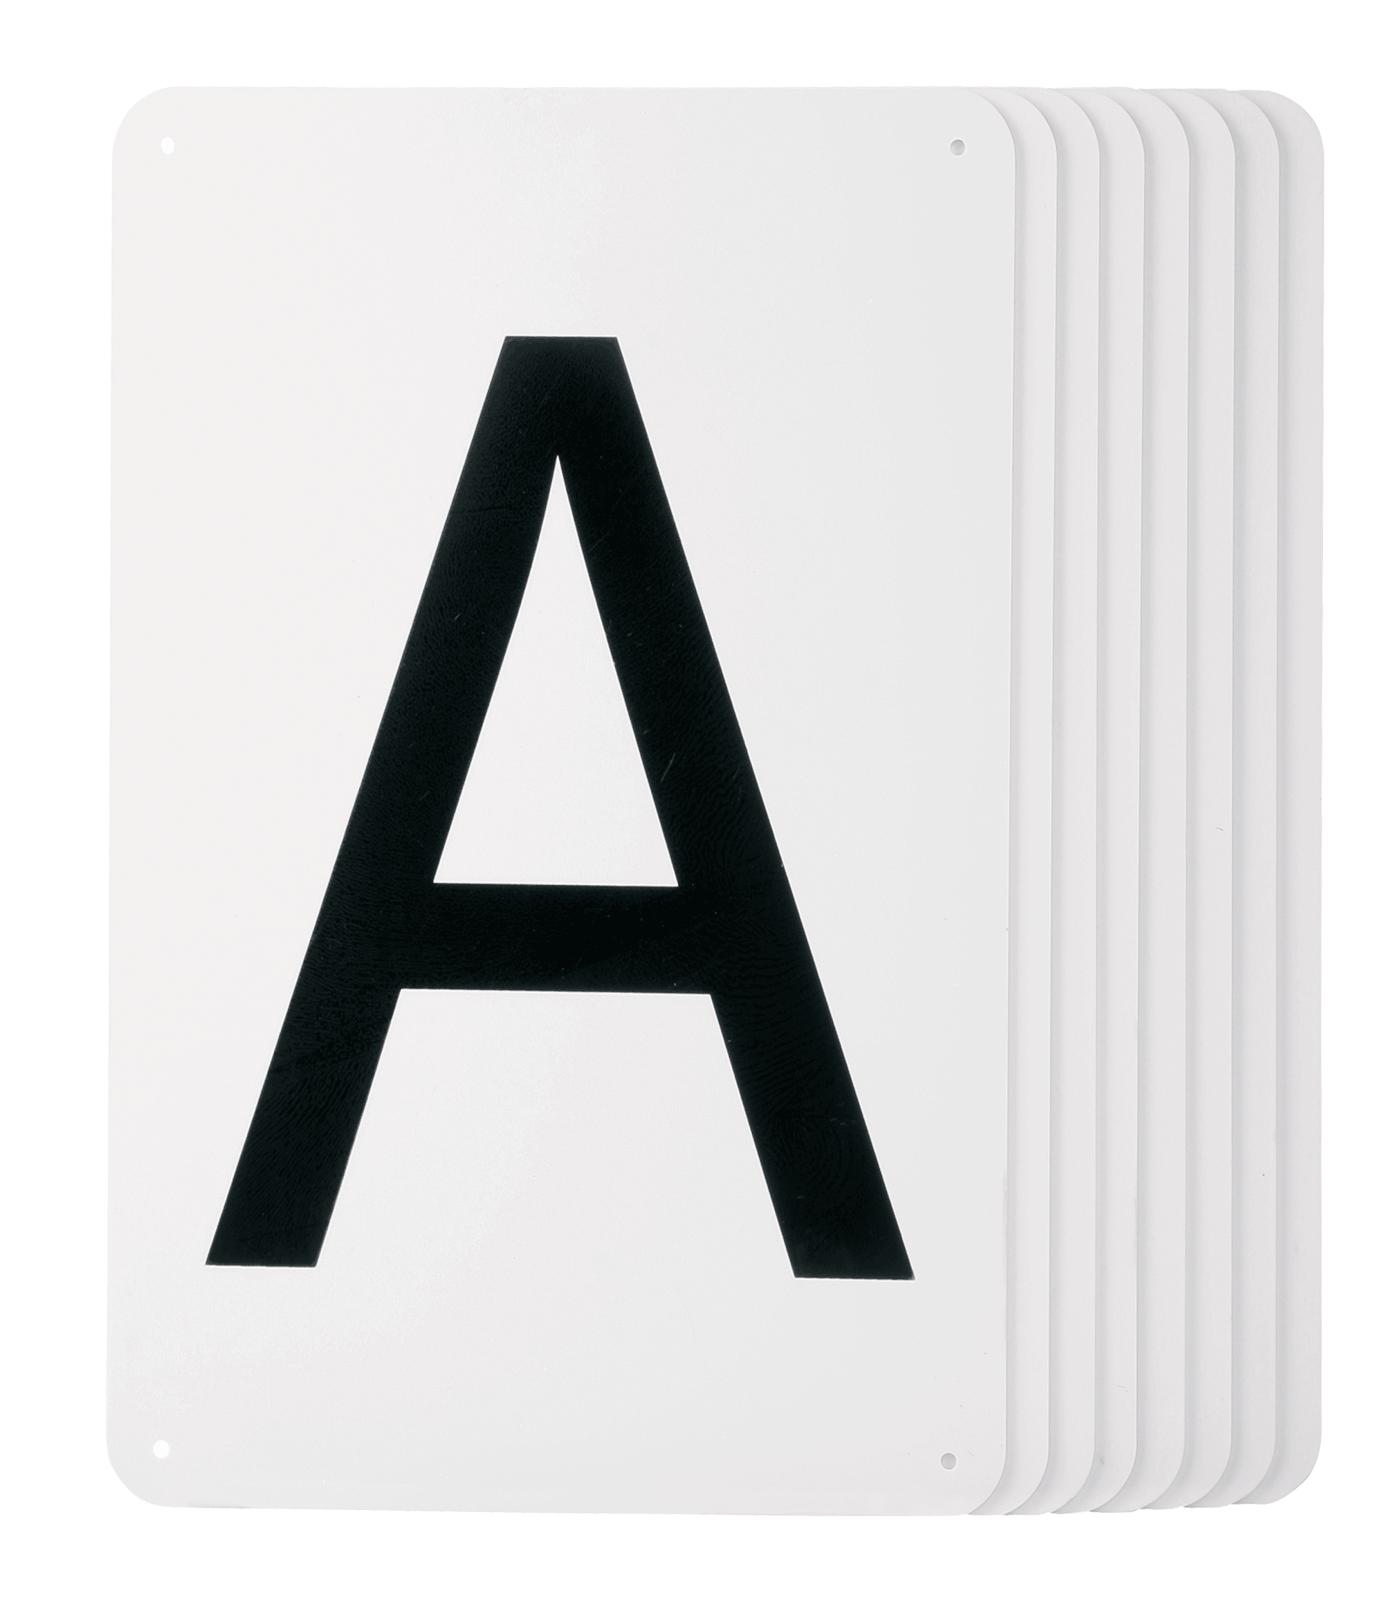 Bahnbuchstaben 20x40m Viereck